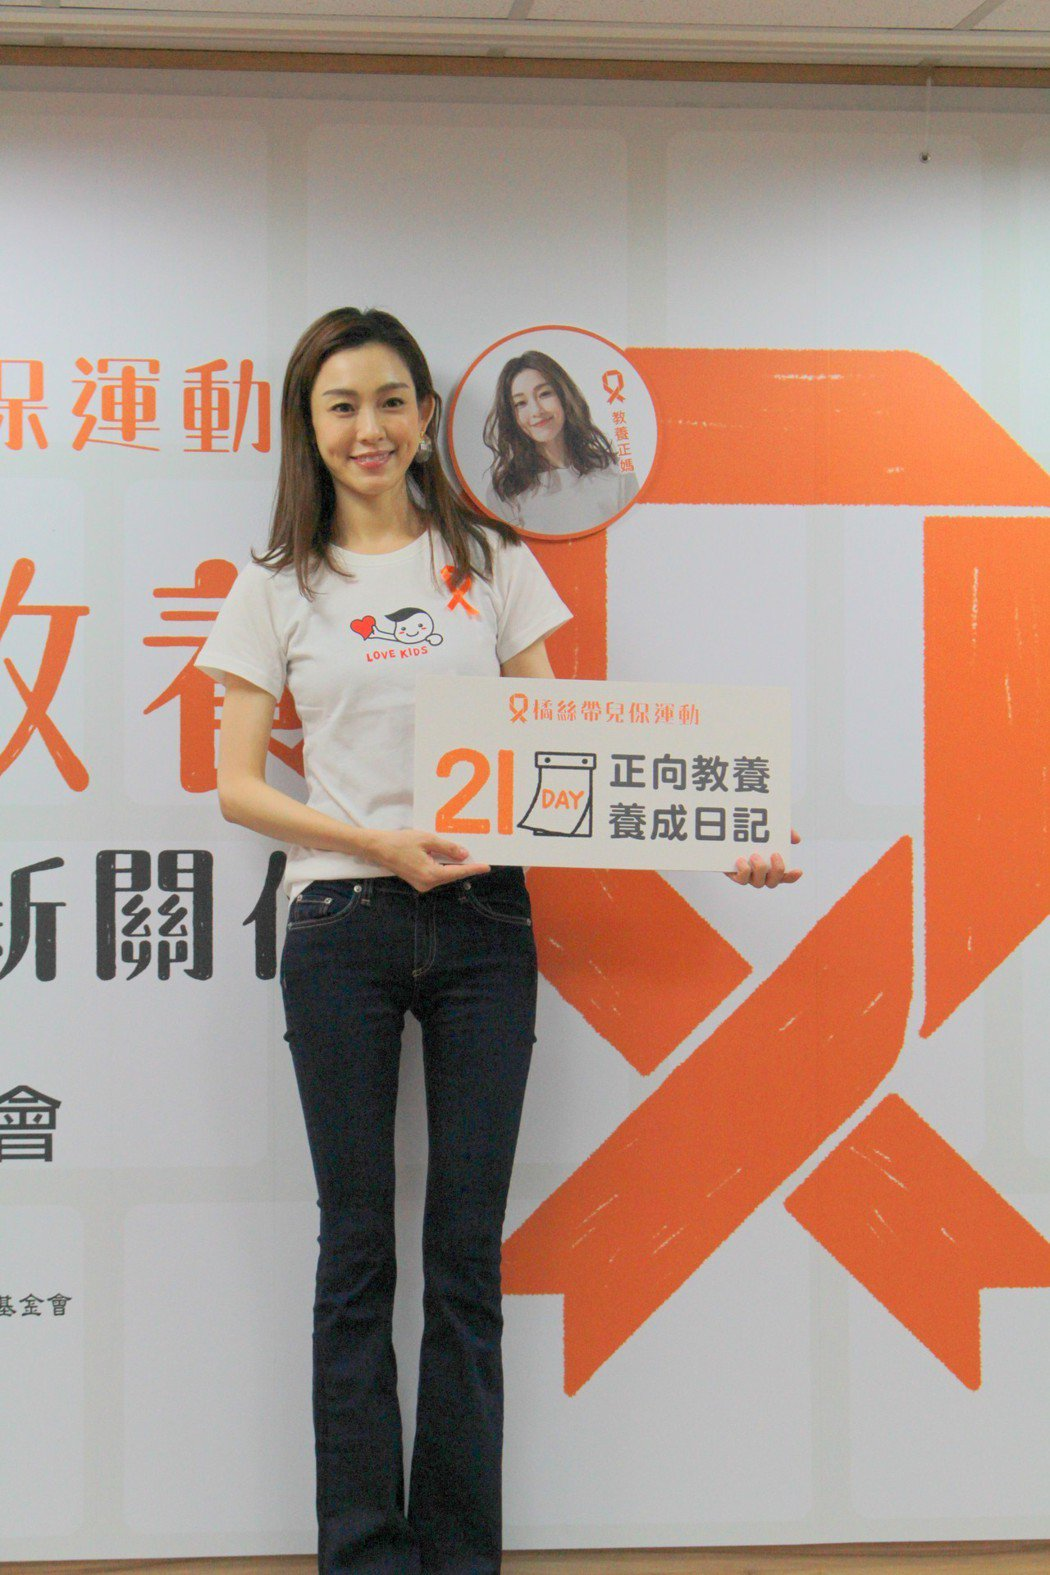 范瑋琪擔任愛心大使,分享教育觀念。圖/兒福聯盟提供